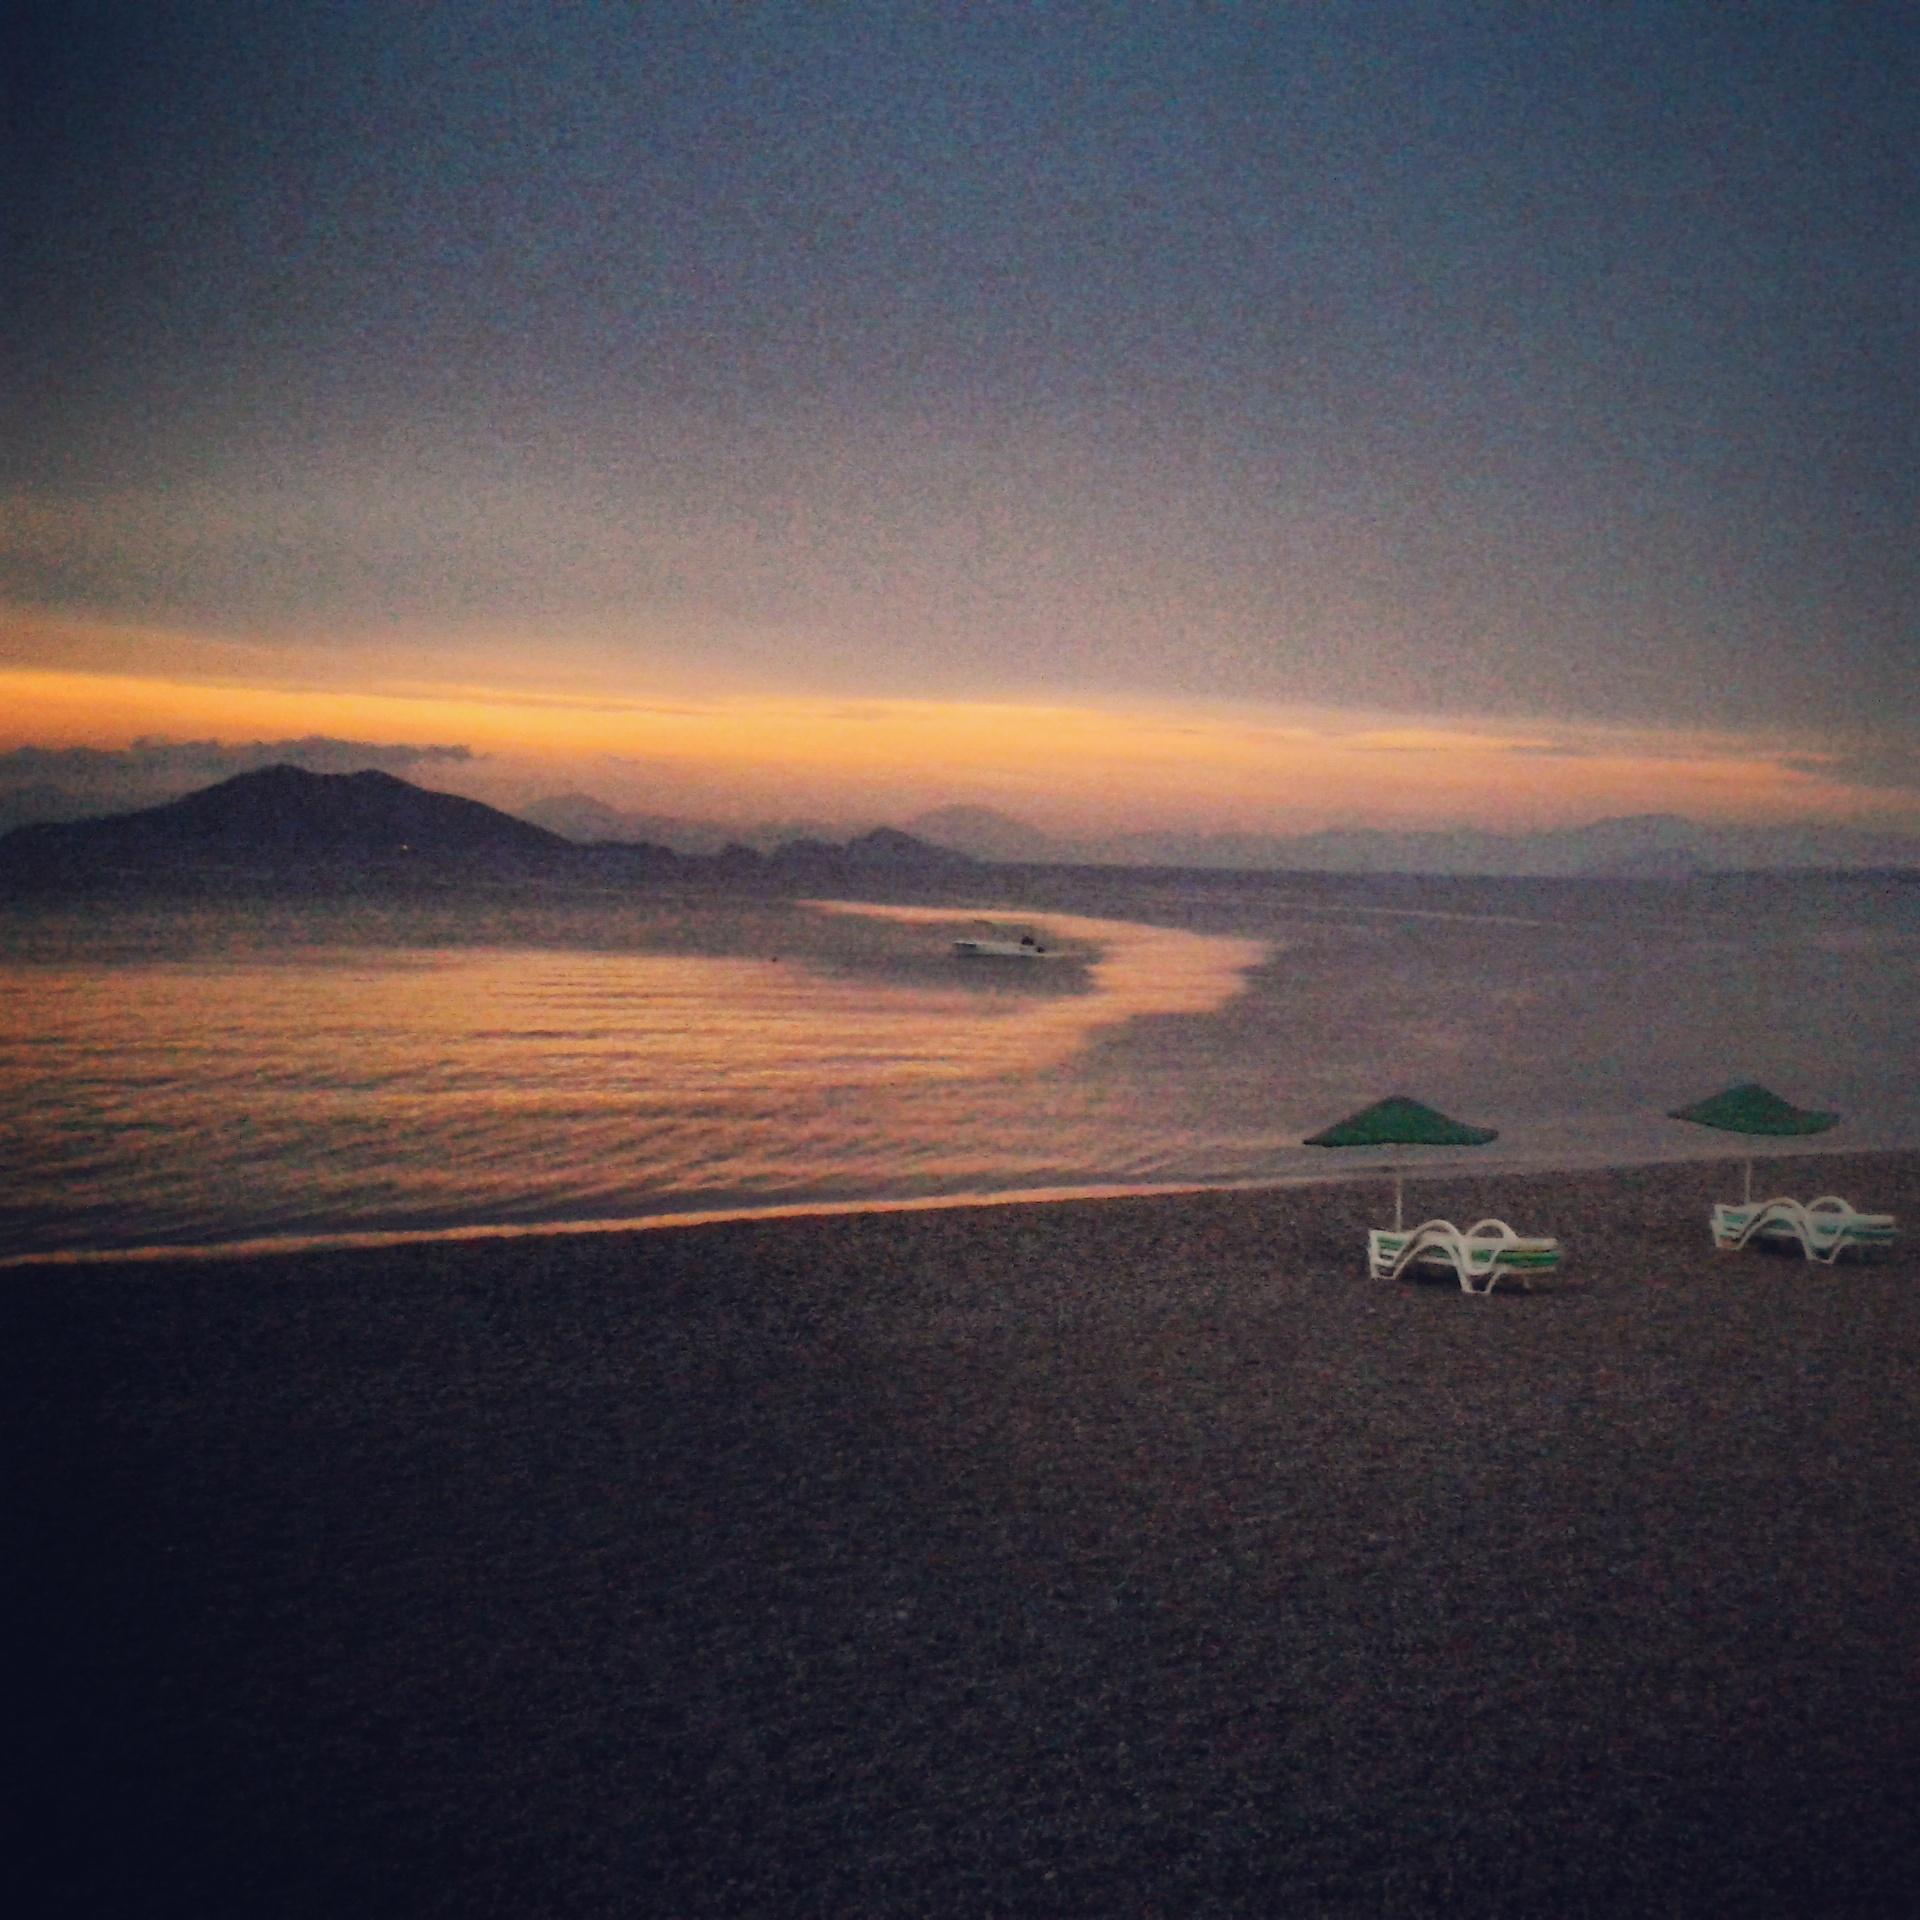 Çalış Plajı'nda gün batımı